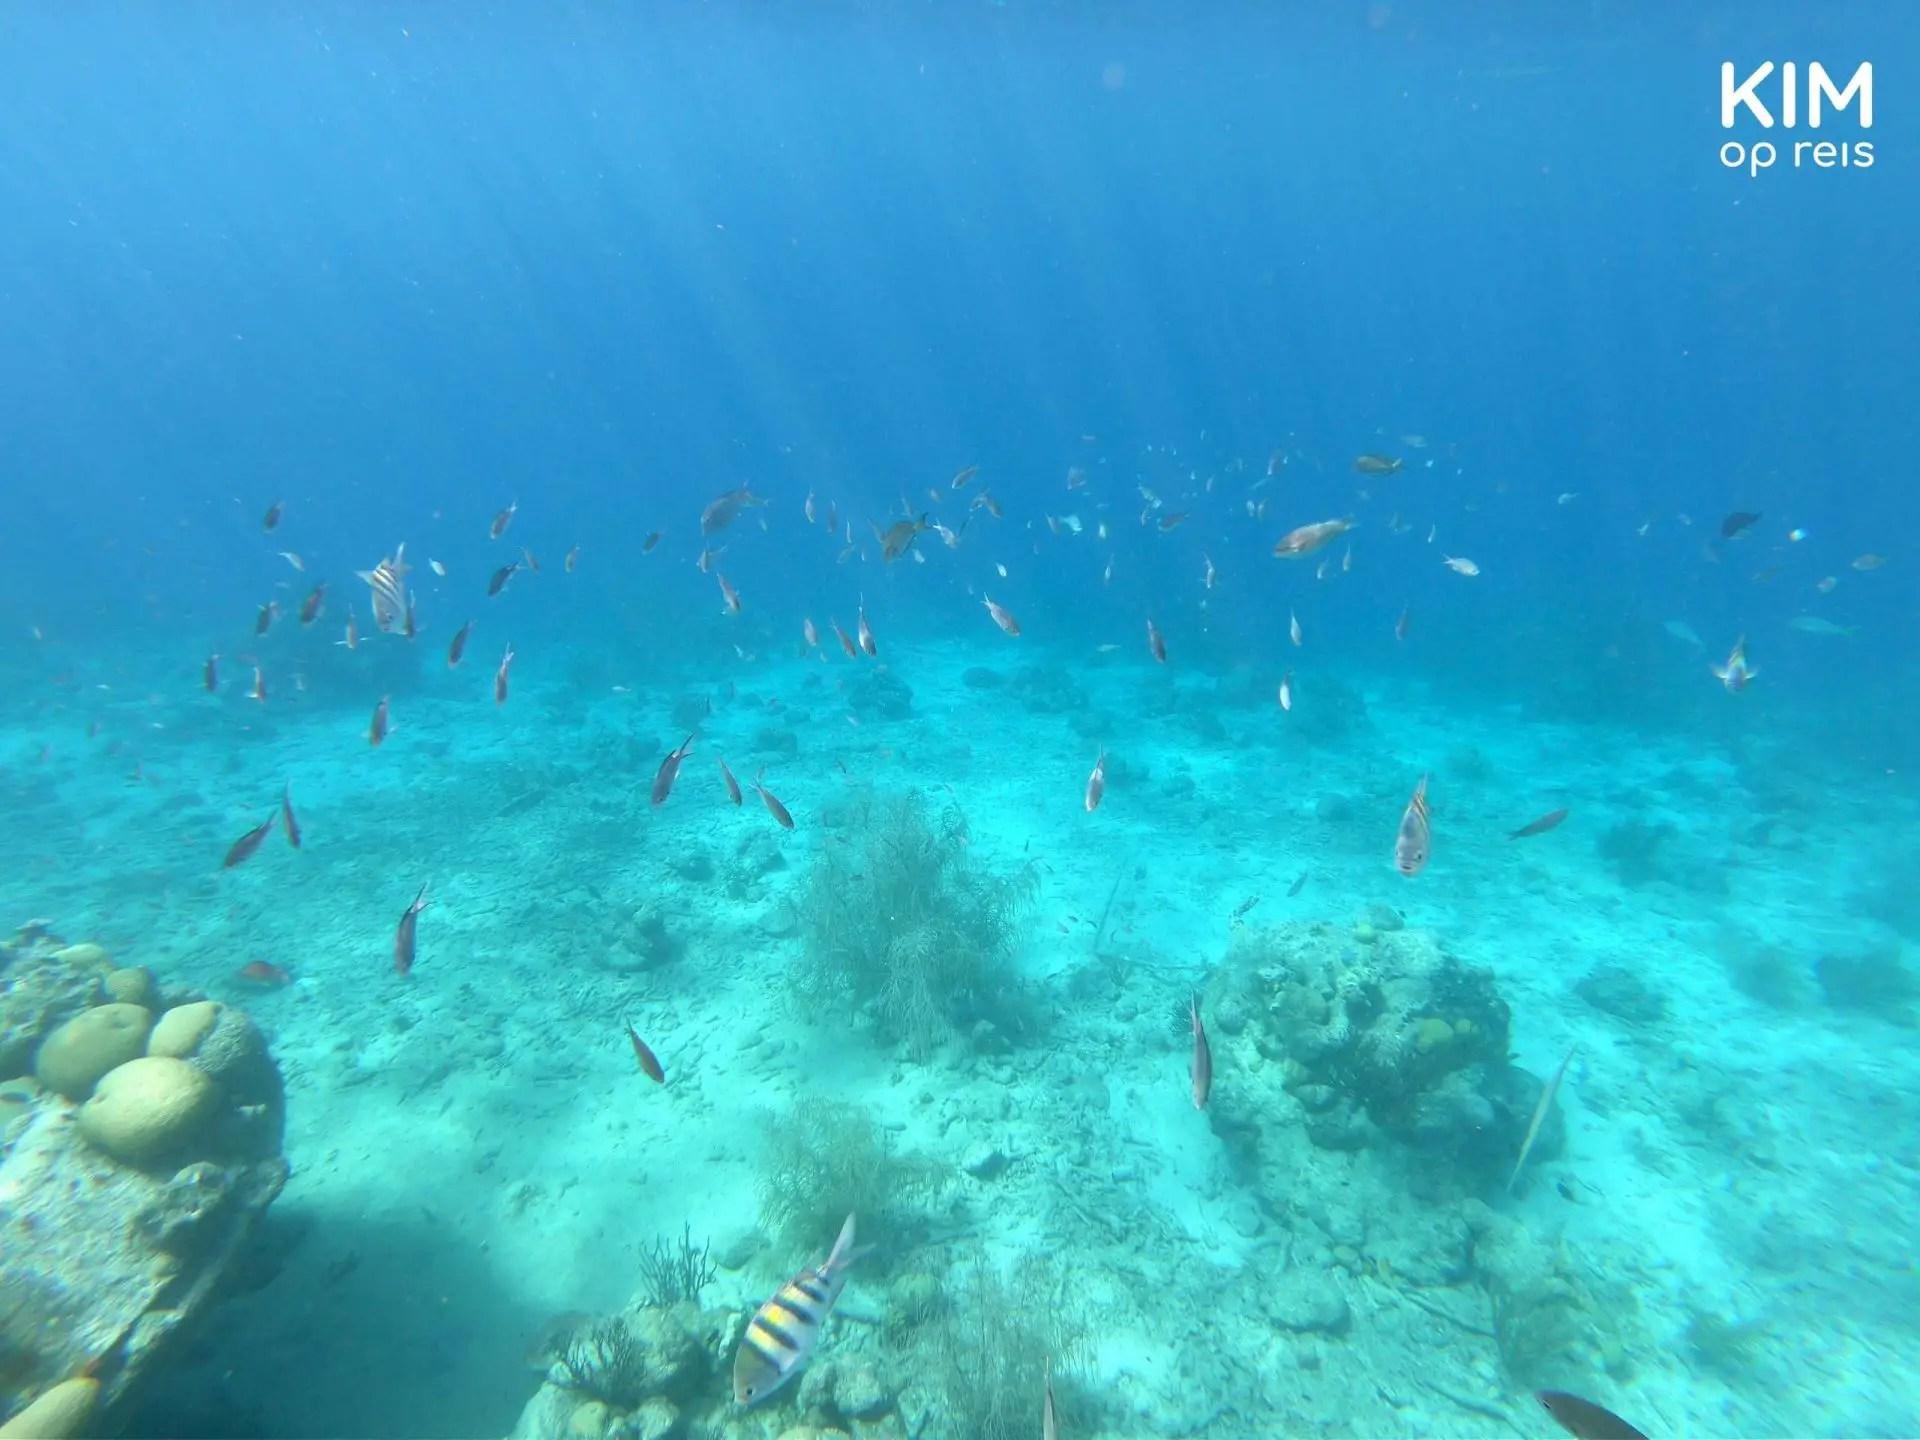 Vissen Curaçao Tugboat Beach: honderden visjes rondom de gezonken sleepboot